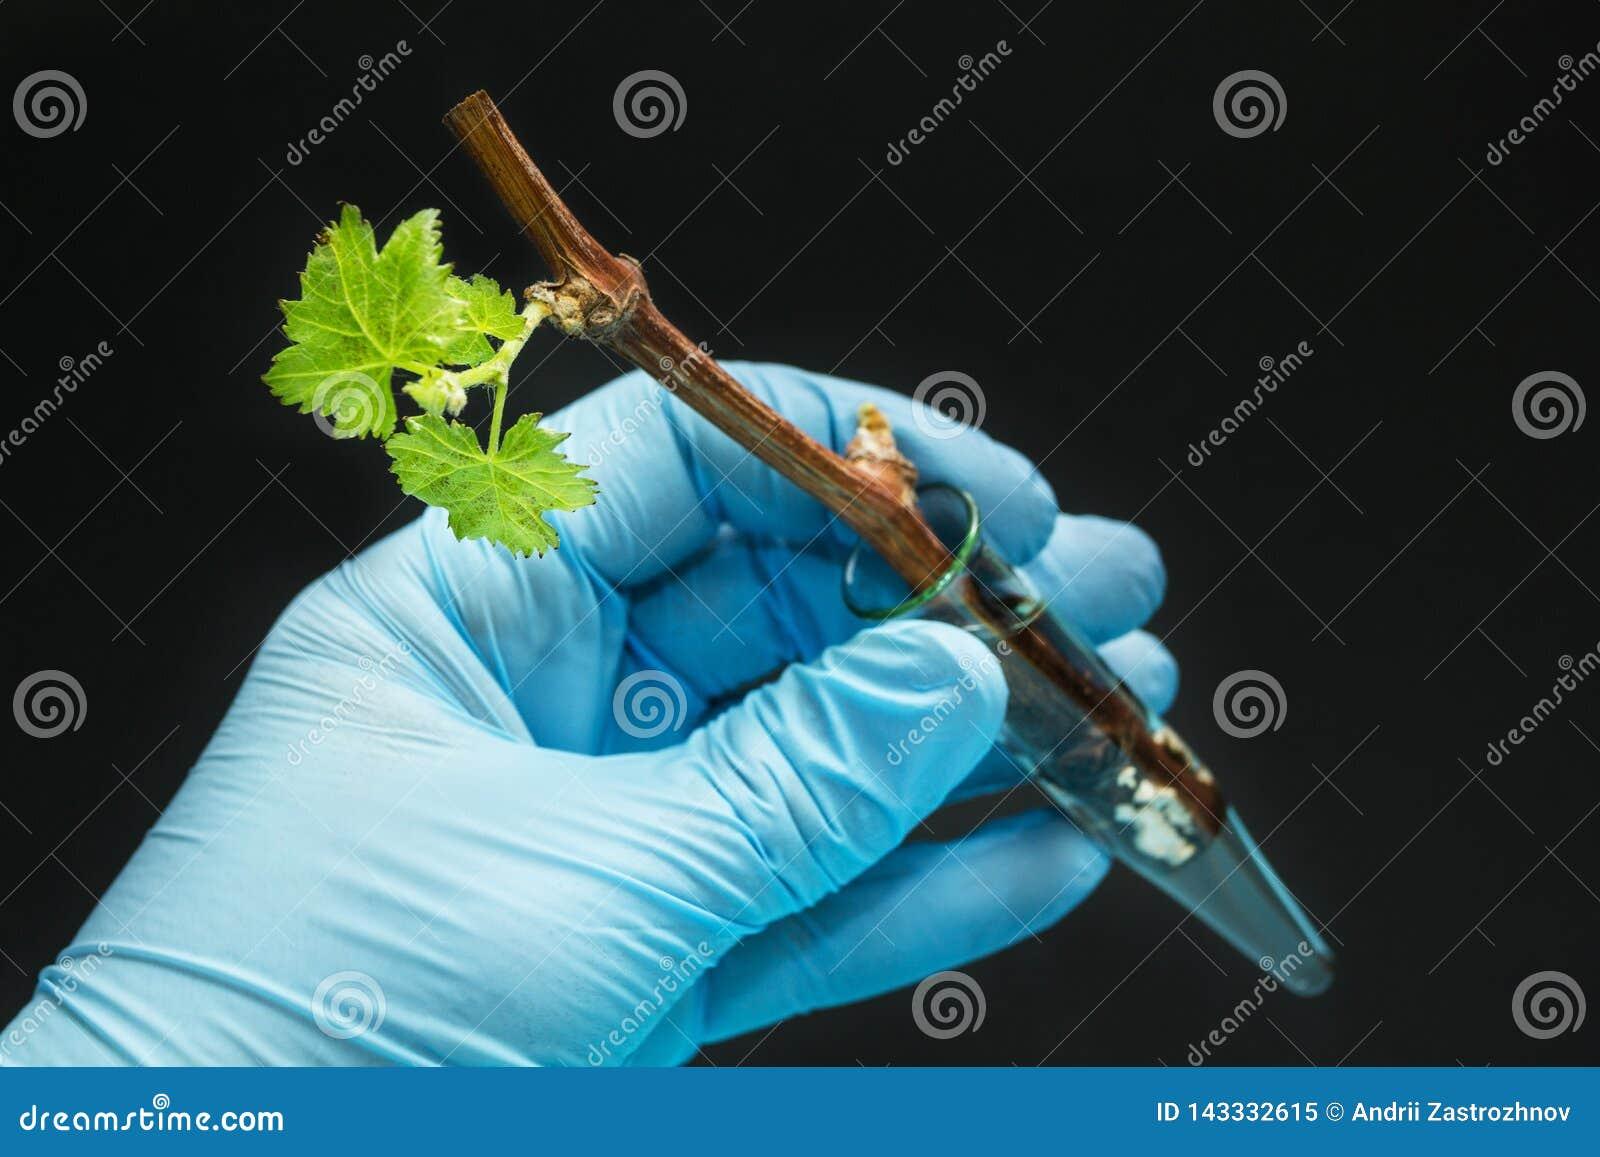 L uva geneticamente modificata germoglia in una fiala di vetro in una mano gloved su un fondo nero